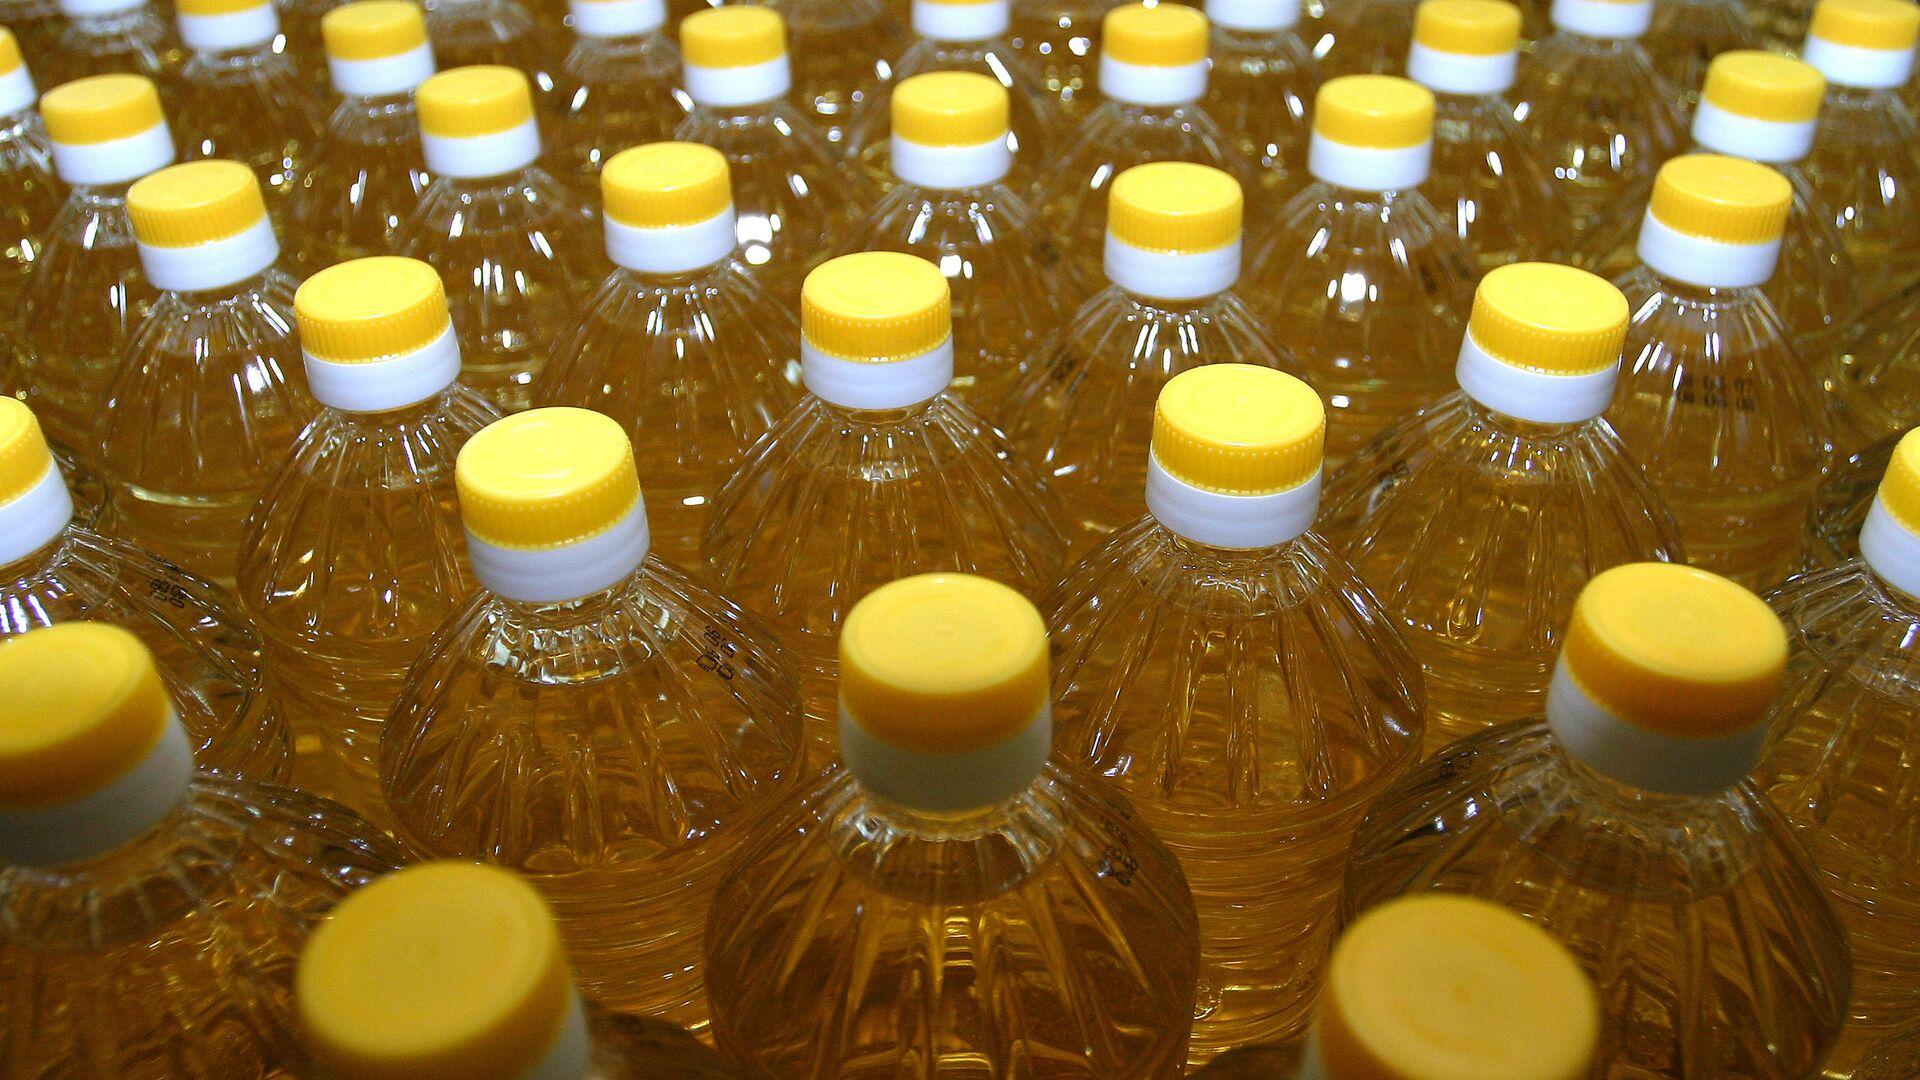 Производство растительного масла  - Sputnik Узбекистан, 1920, 04.05.2021